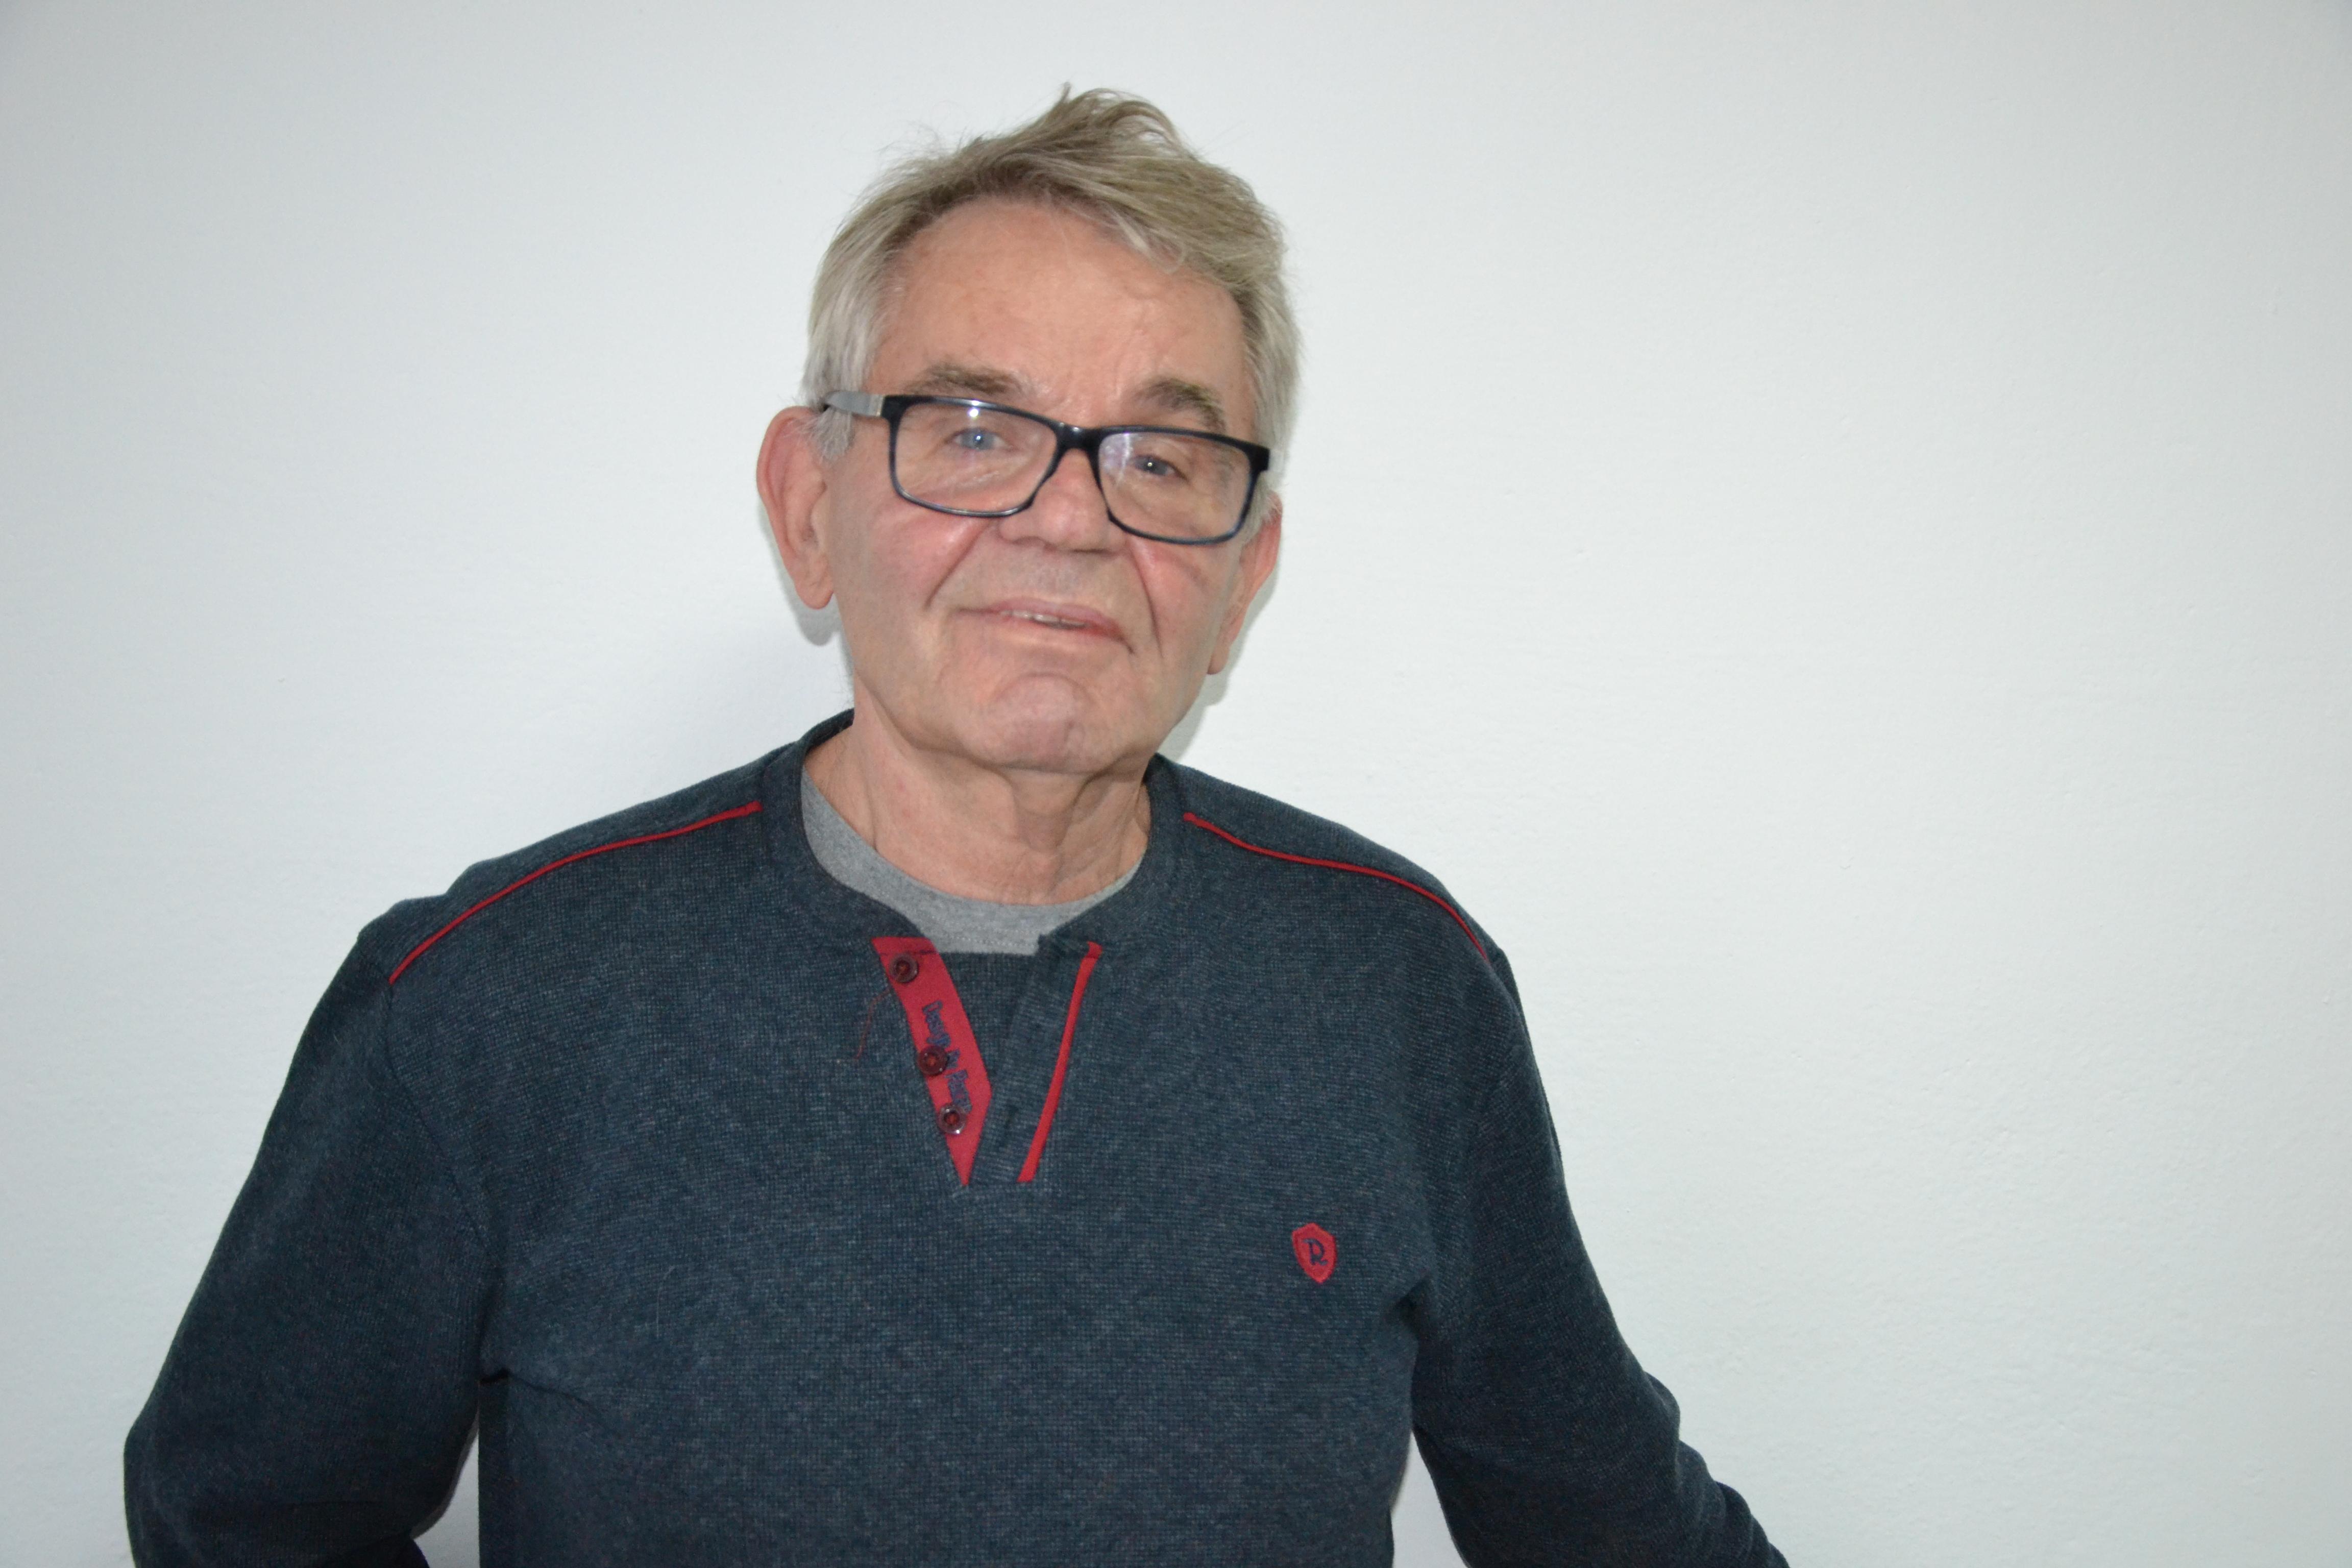 Wspomnienie świętej pamięci Jerzego Janeczka